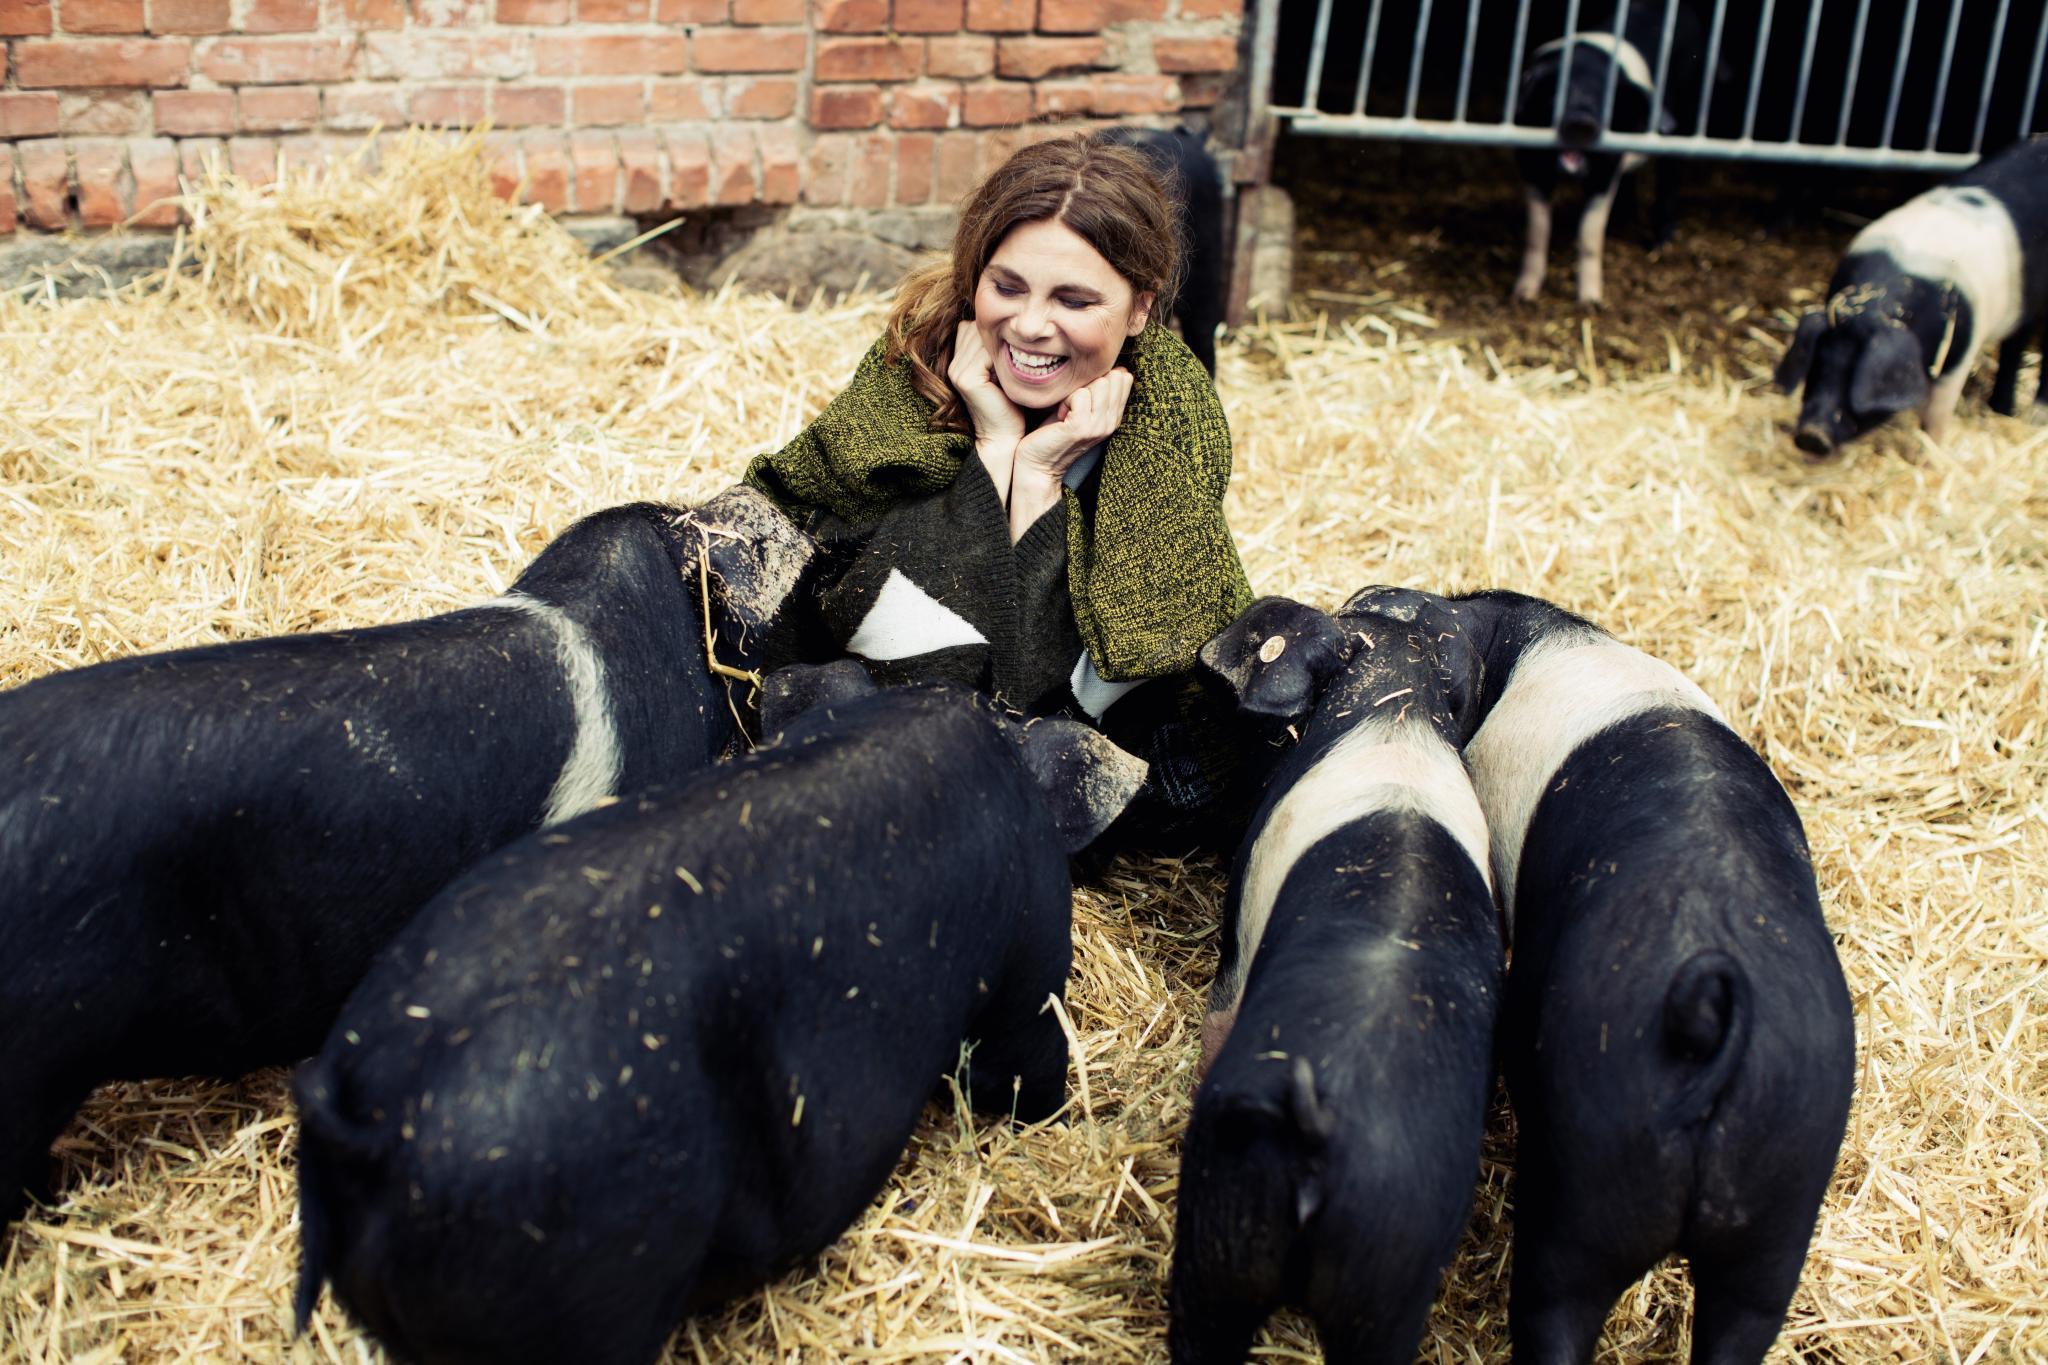 Tiere artgerecht zu halten ist ein großes Anliegen von Sarah Wiener. Sie dann auch zu essen, gehört für sie zum natürlichen Kreislauf